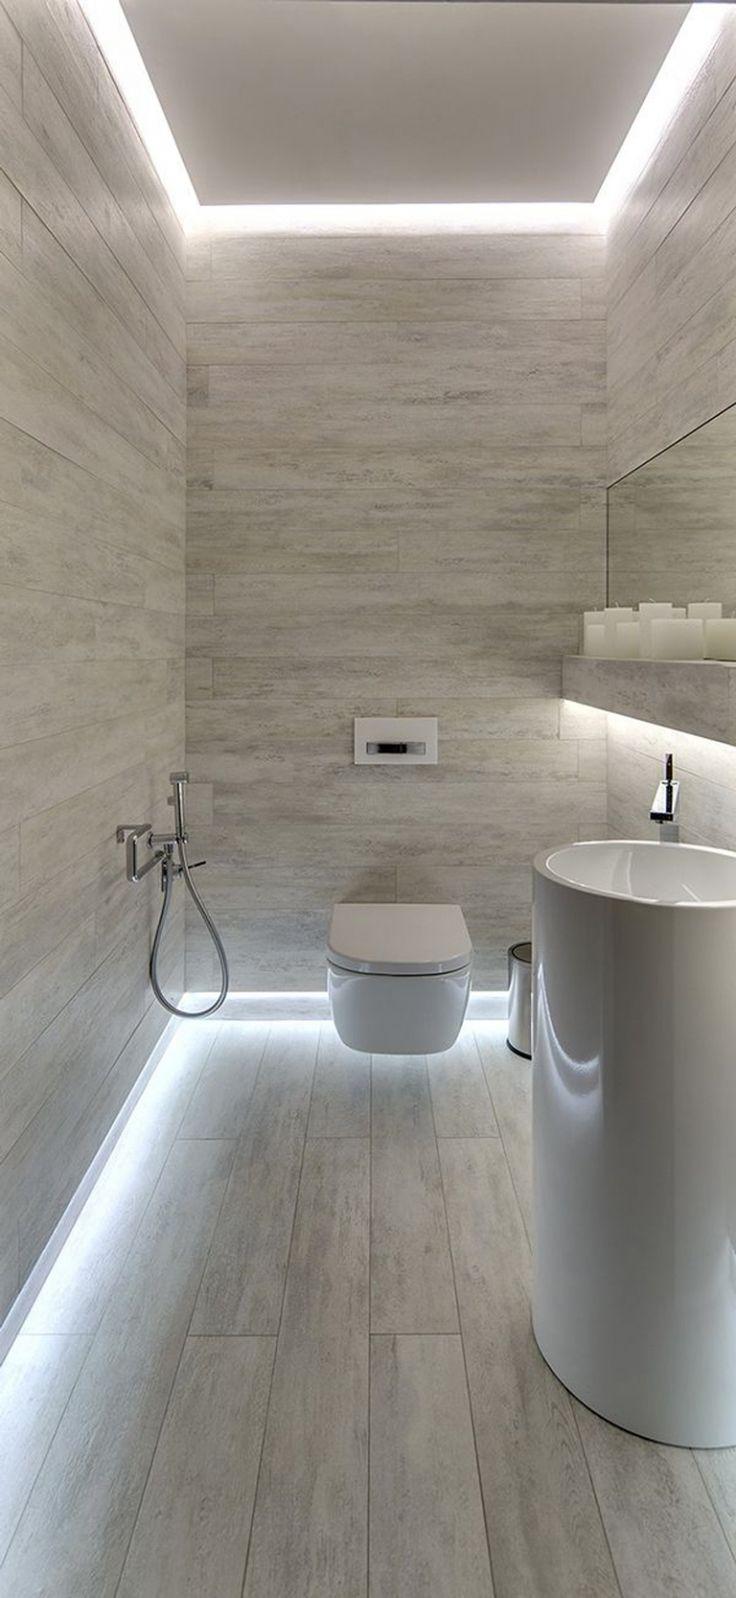 Profilé LED encastrable- l'éclairage de pointe pour une atmosphère exclusive